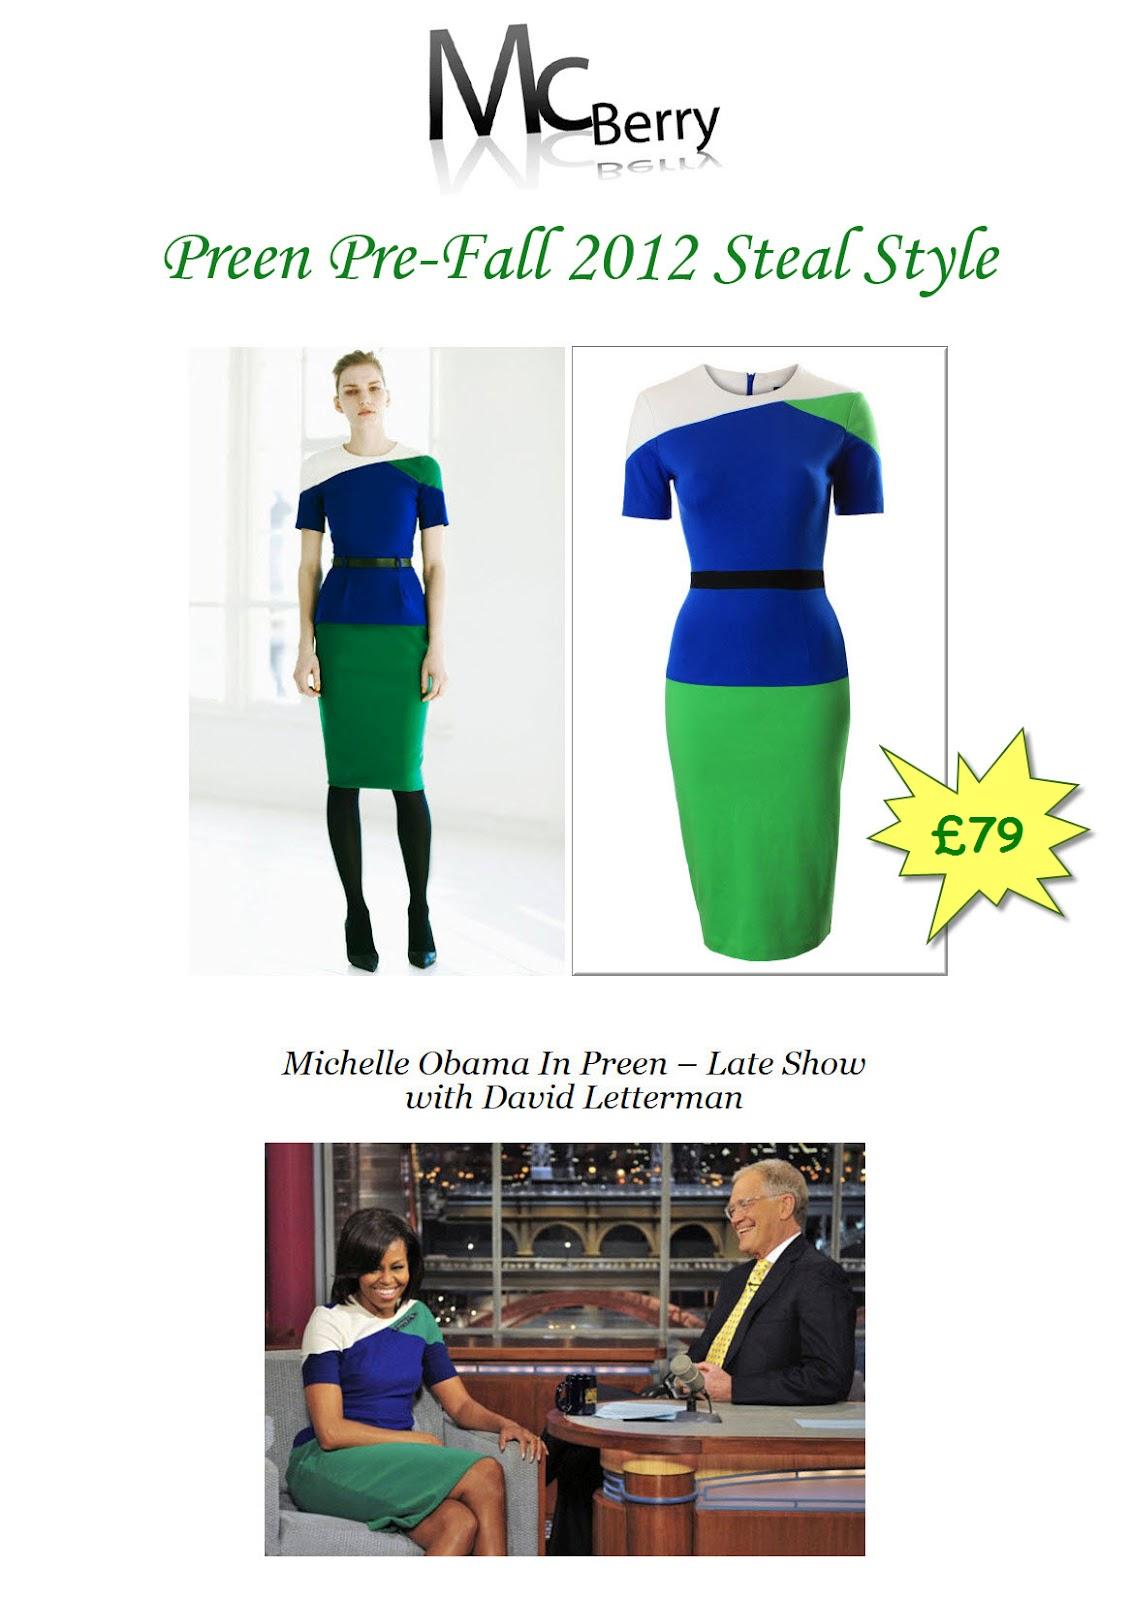 http://2.bp.blogspot.com/-foxDN_pIQTU/T7zd1GWcU-I/AAAAAAAAAaU/EviIep2R7_o/s1600/Looksheet_Colour+Block+Preen+Pre-Fall+2012+Steal+Style.jpg